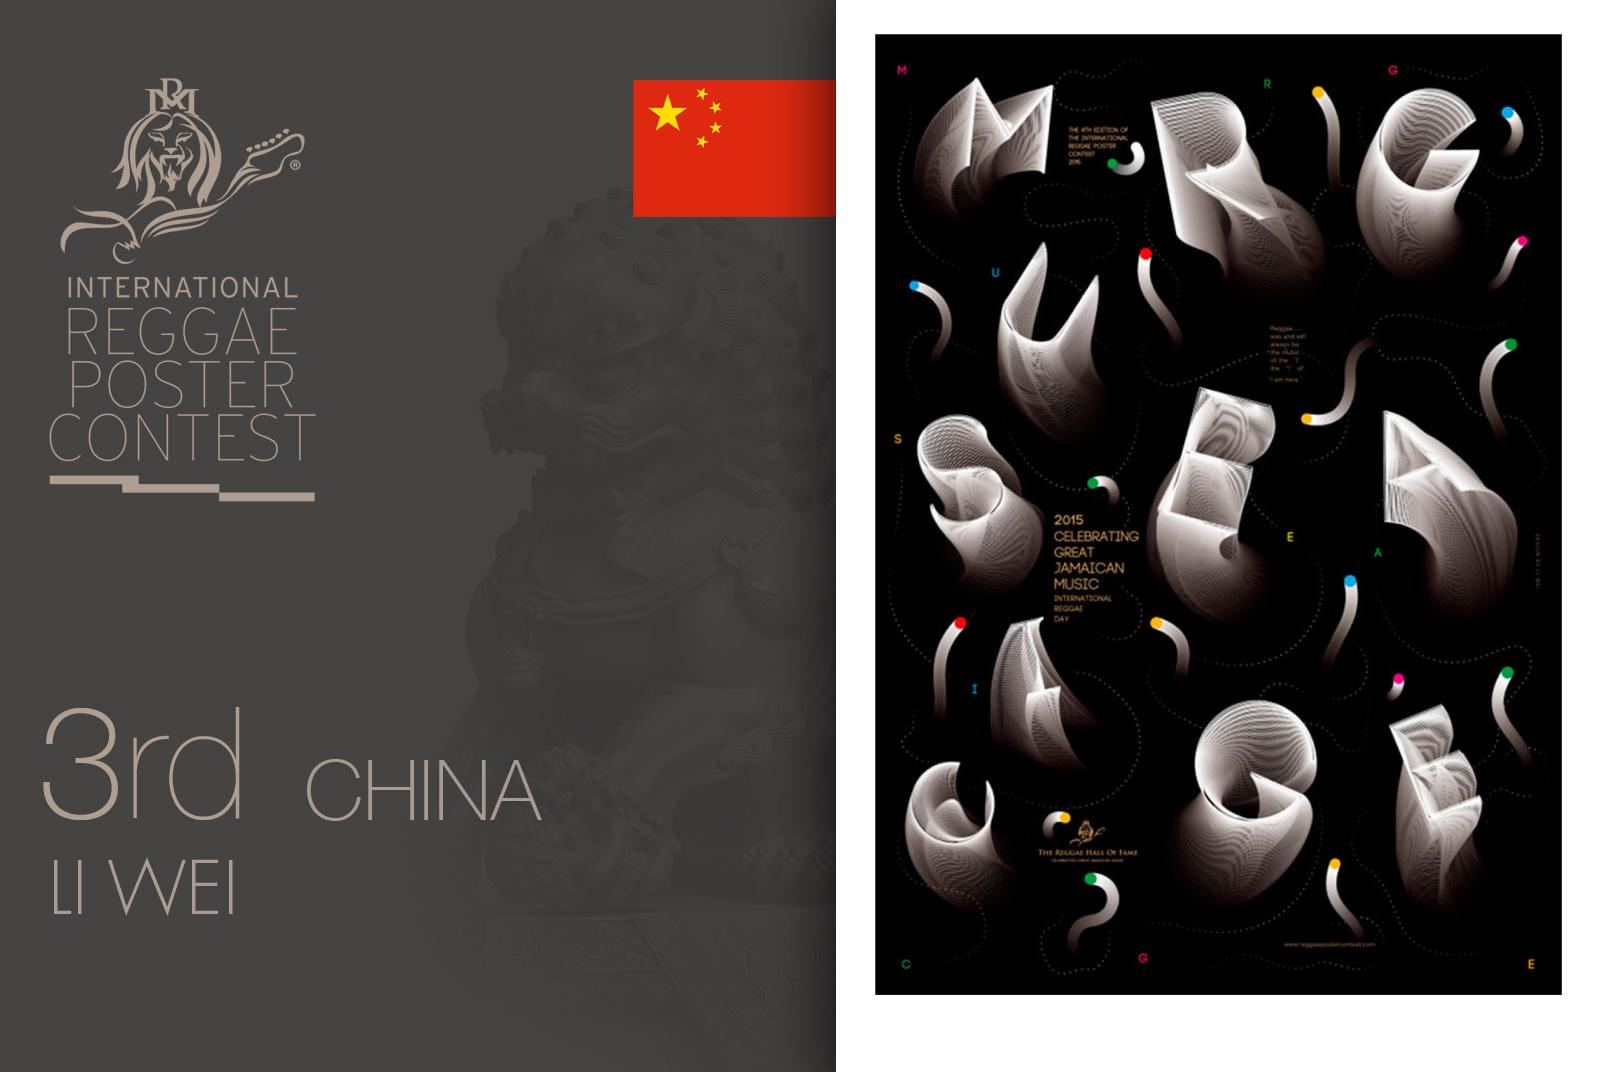 3RD-CHINA